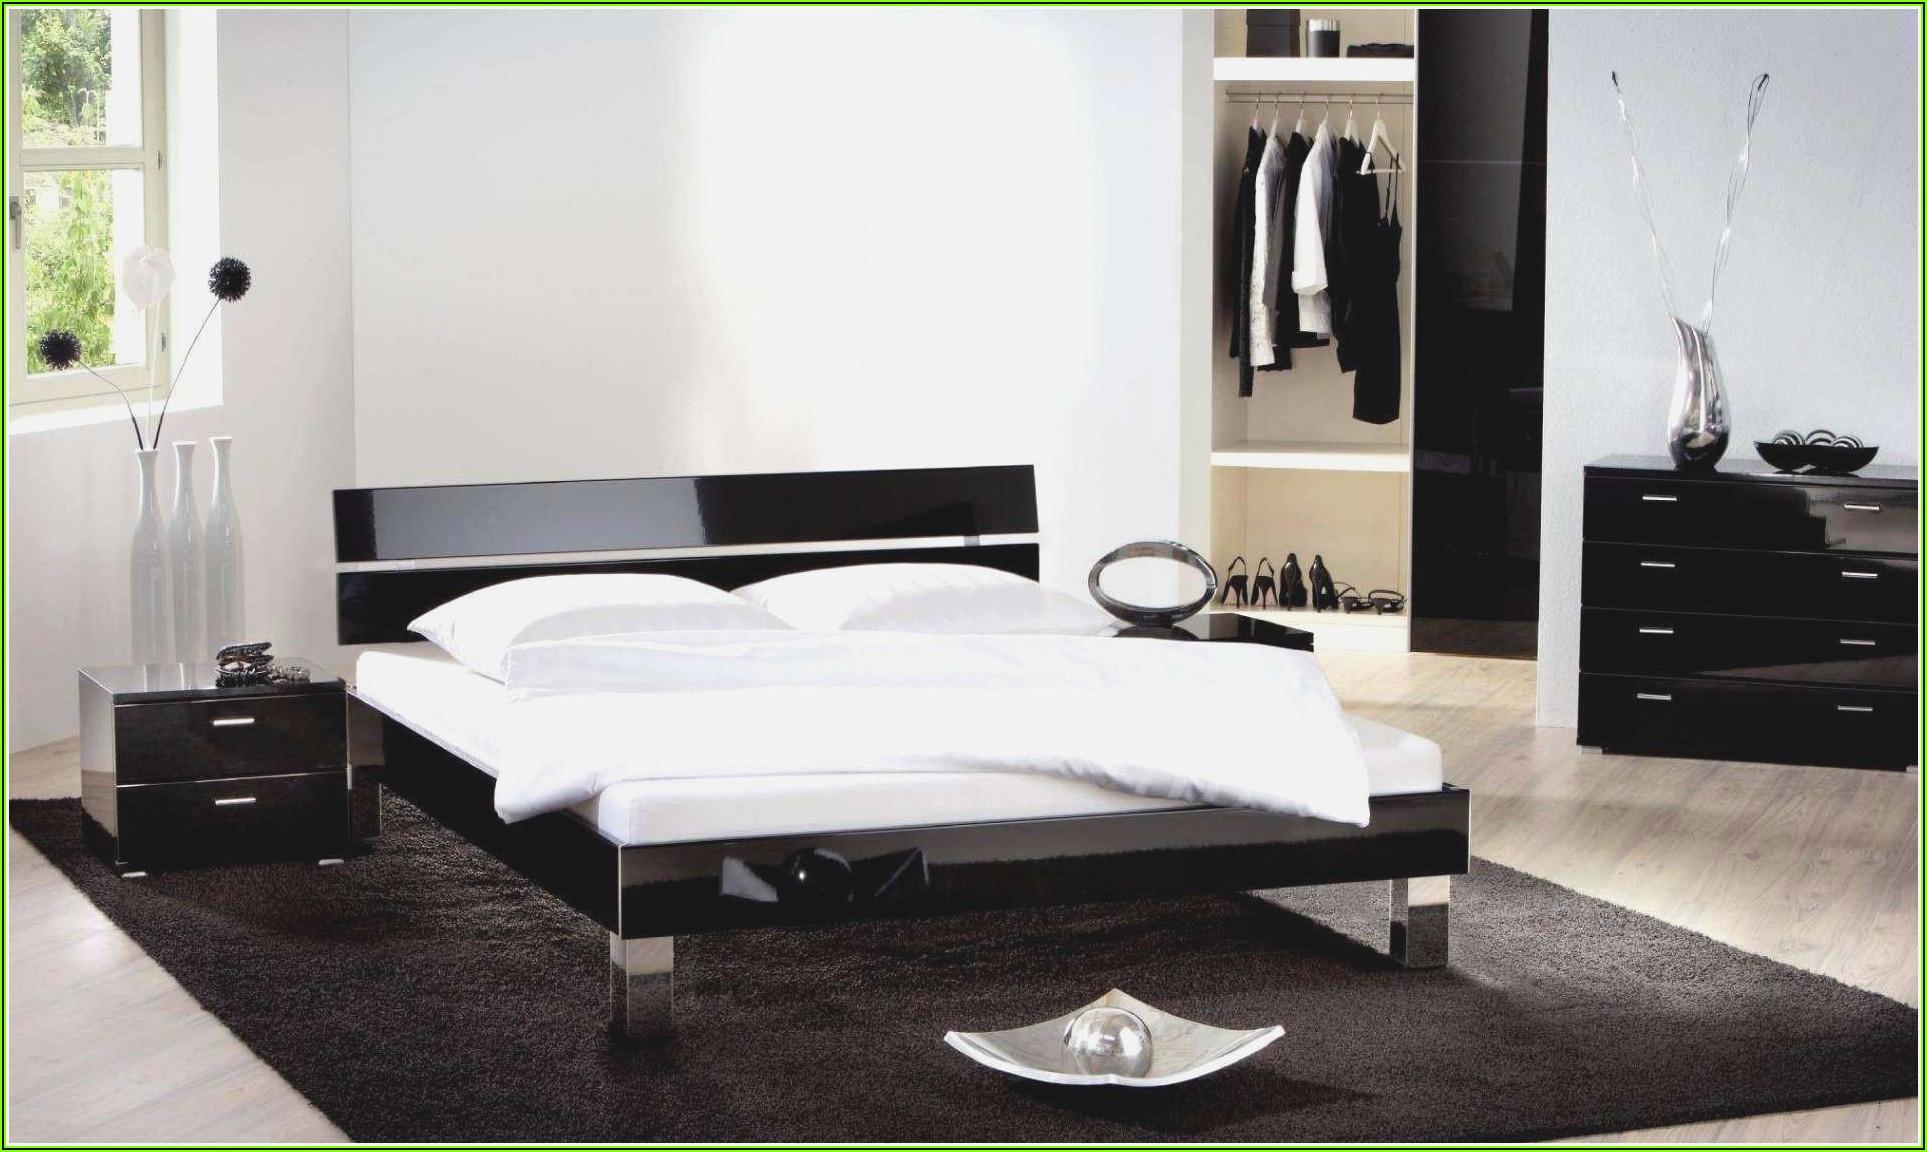 Orientalische Deko Schlafzimmer